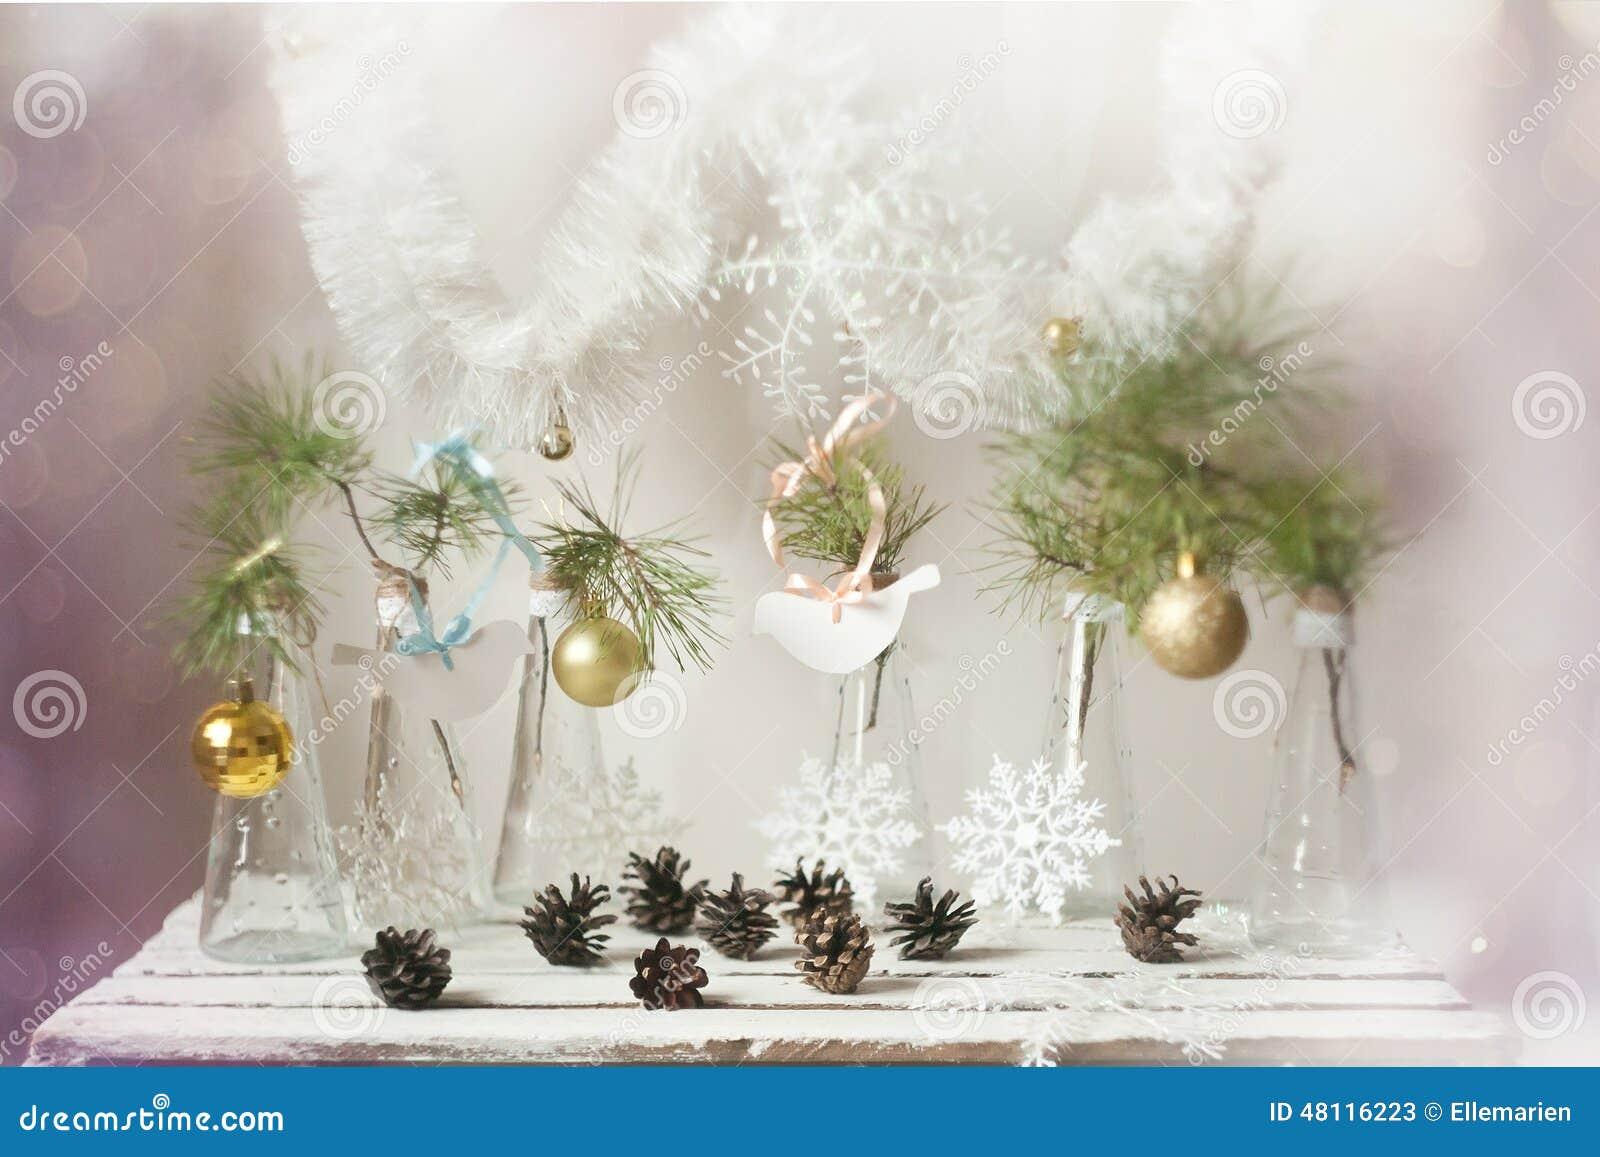 Decorazioni di natale su un ramo dell 39 albero in vasi di for Vasi ermetici vetro